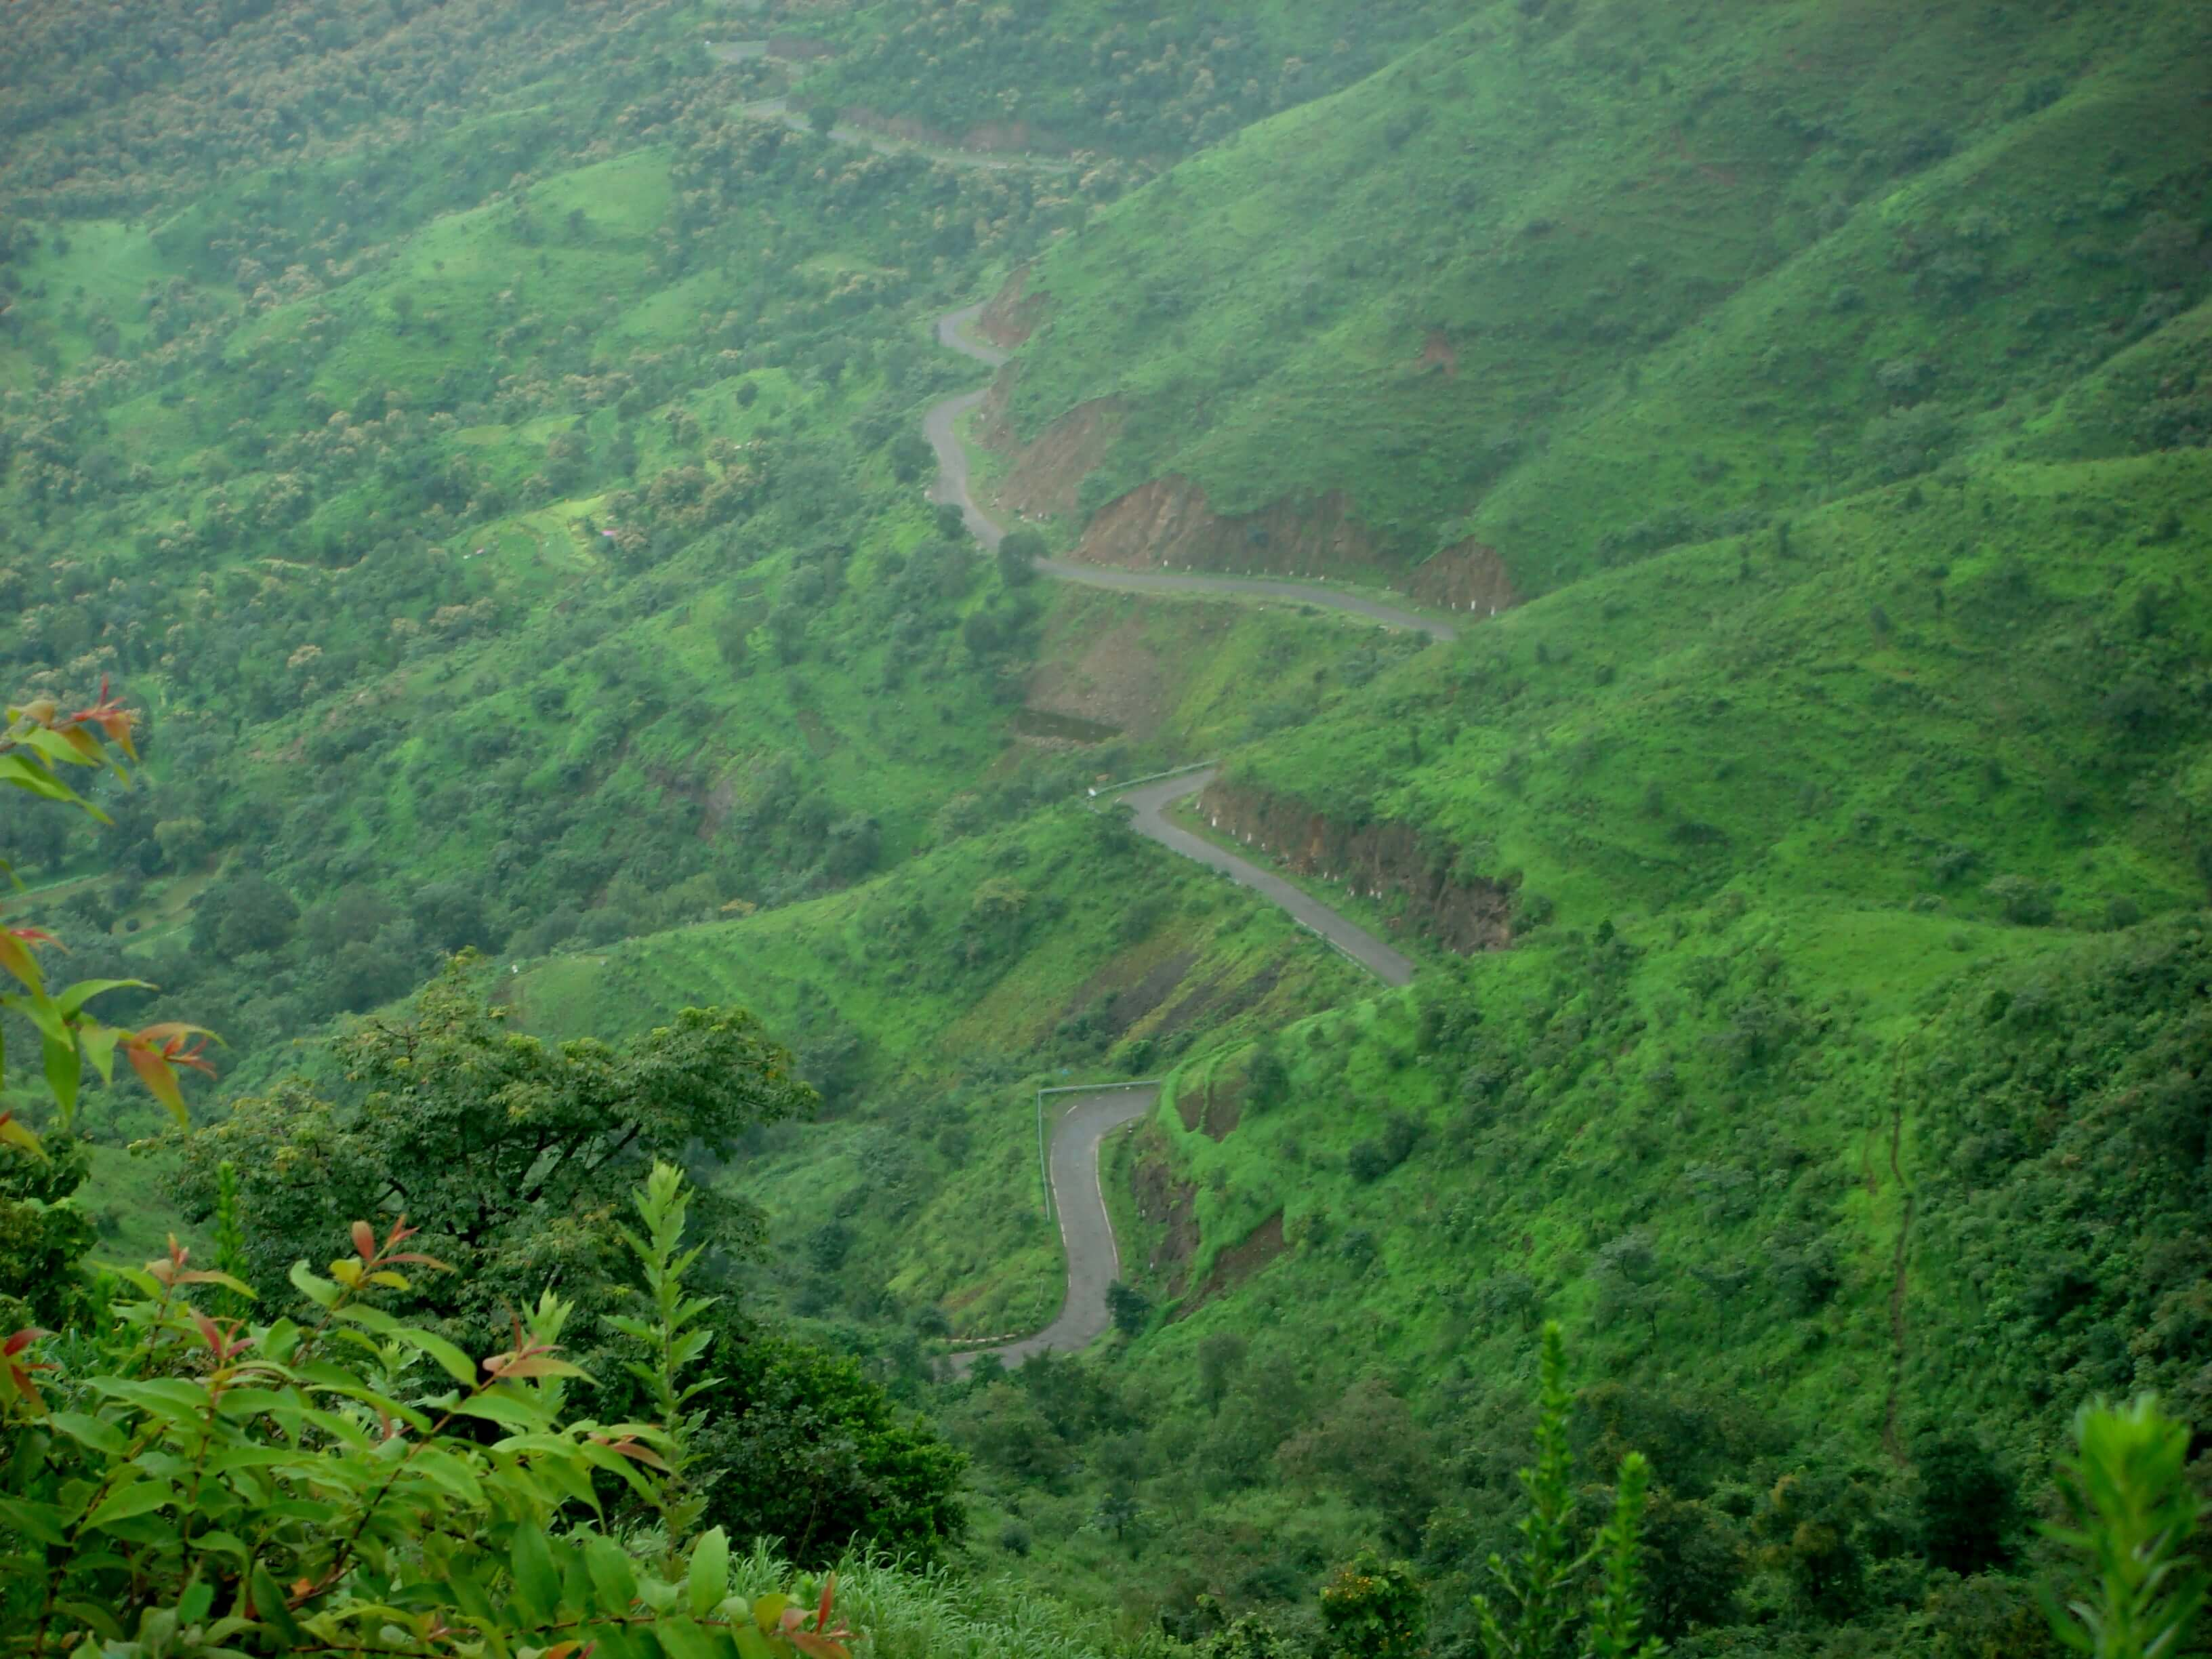 mahabaleshwarr